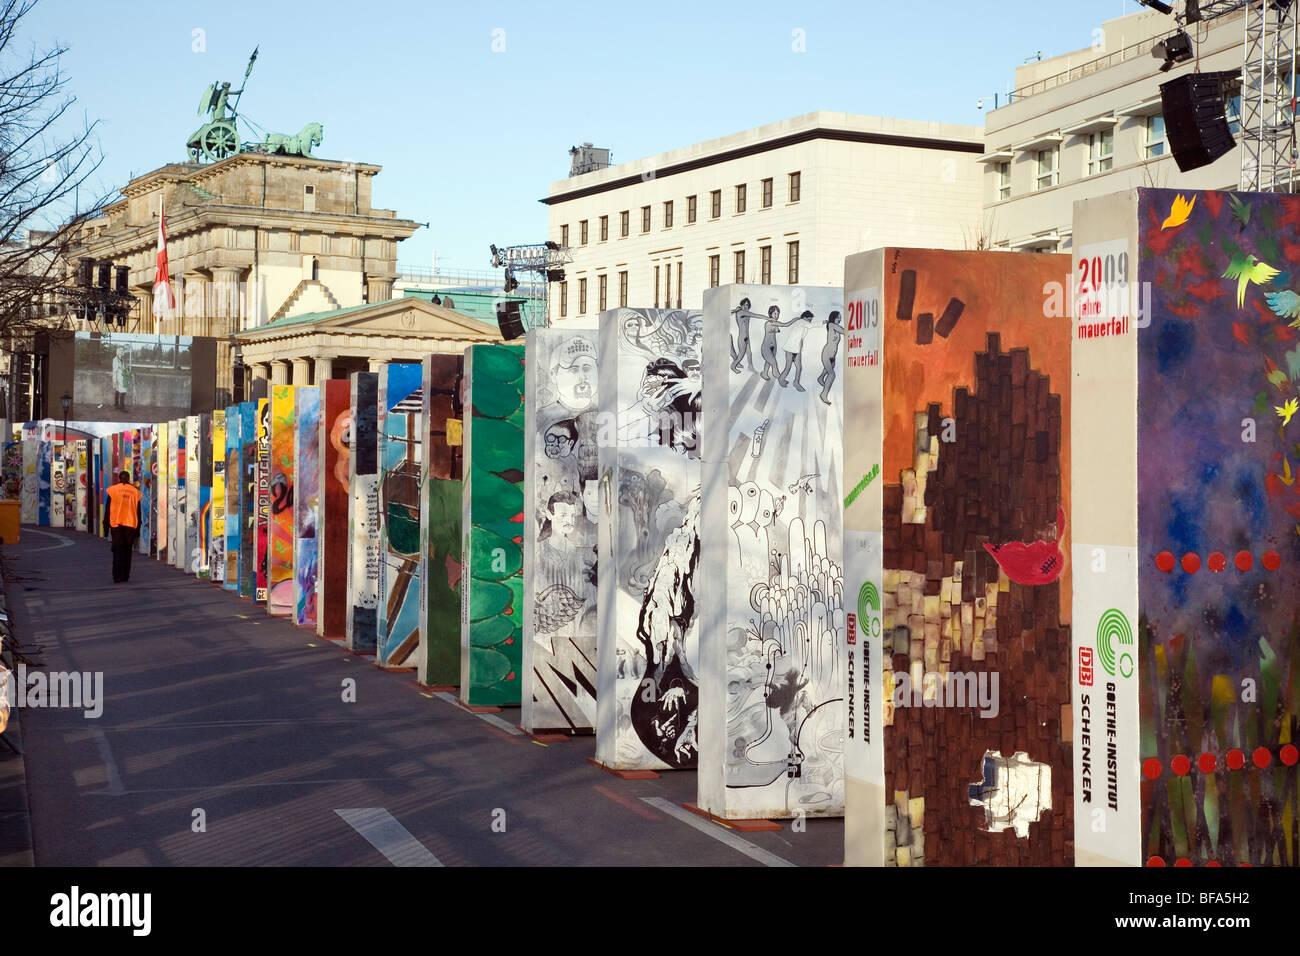 Azione di domino, Mauerfall 2009, Berlino, Germania Immagini Stock